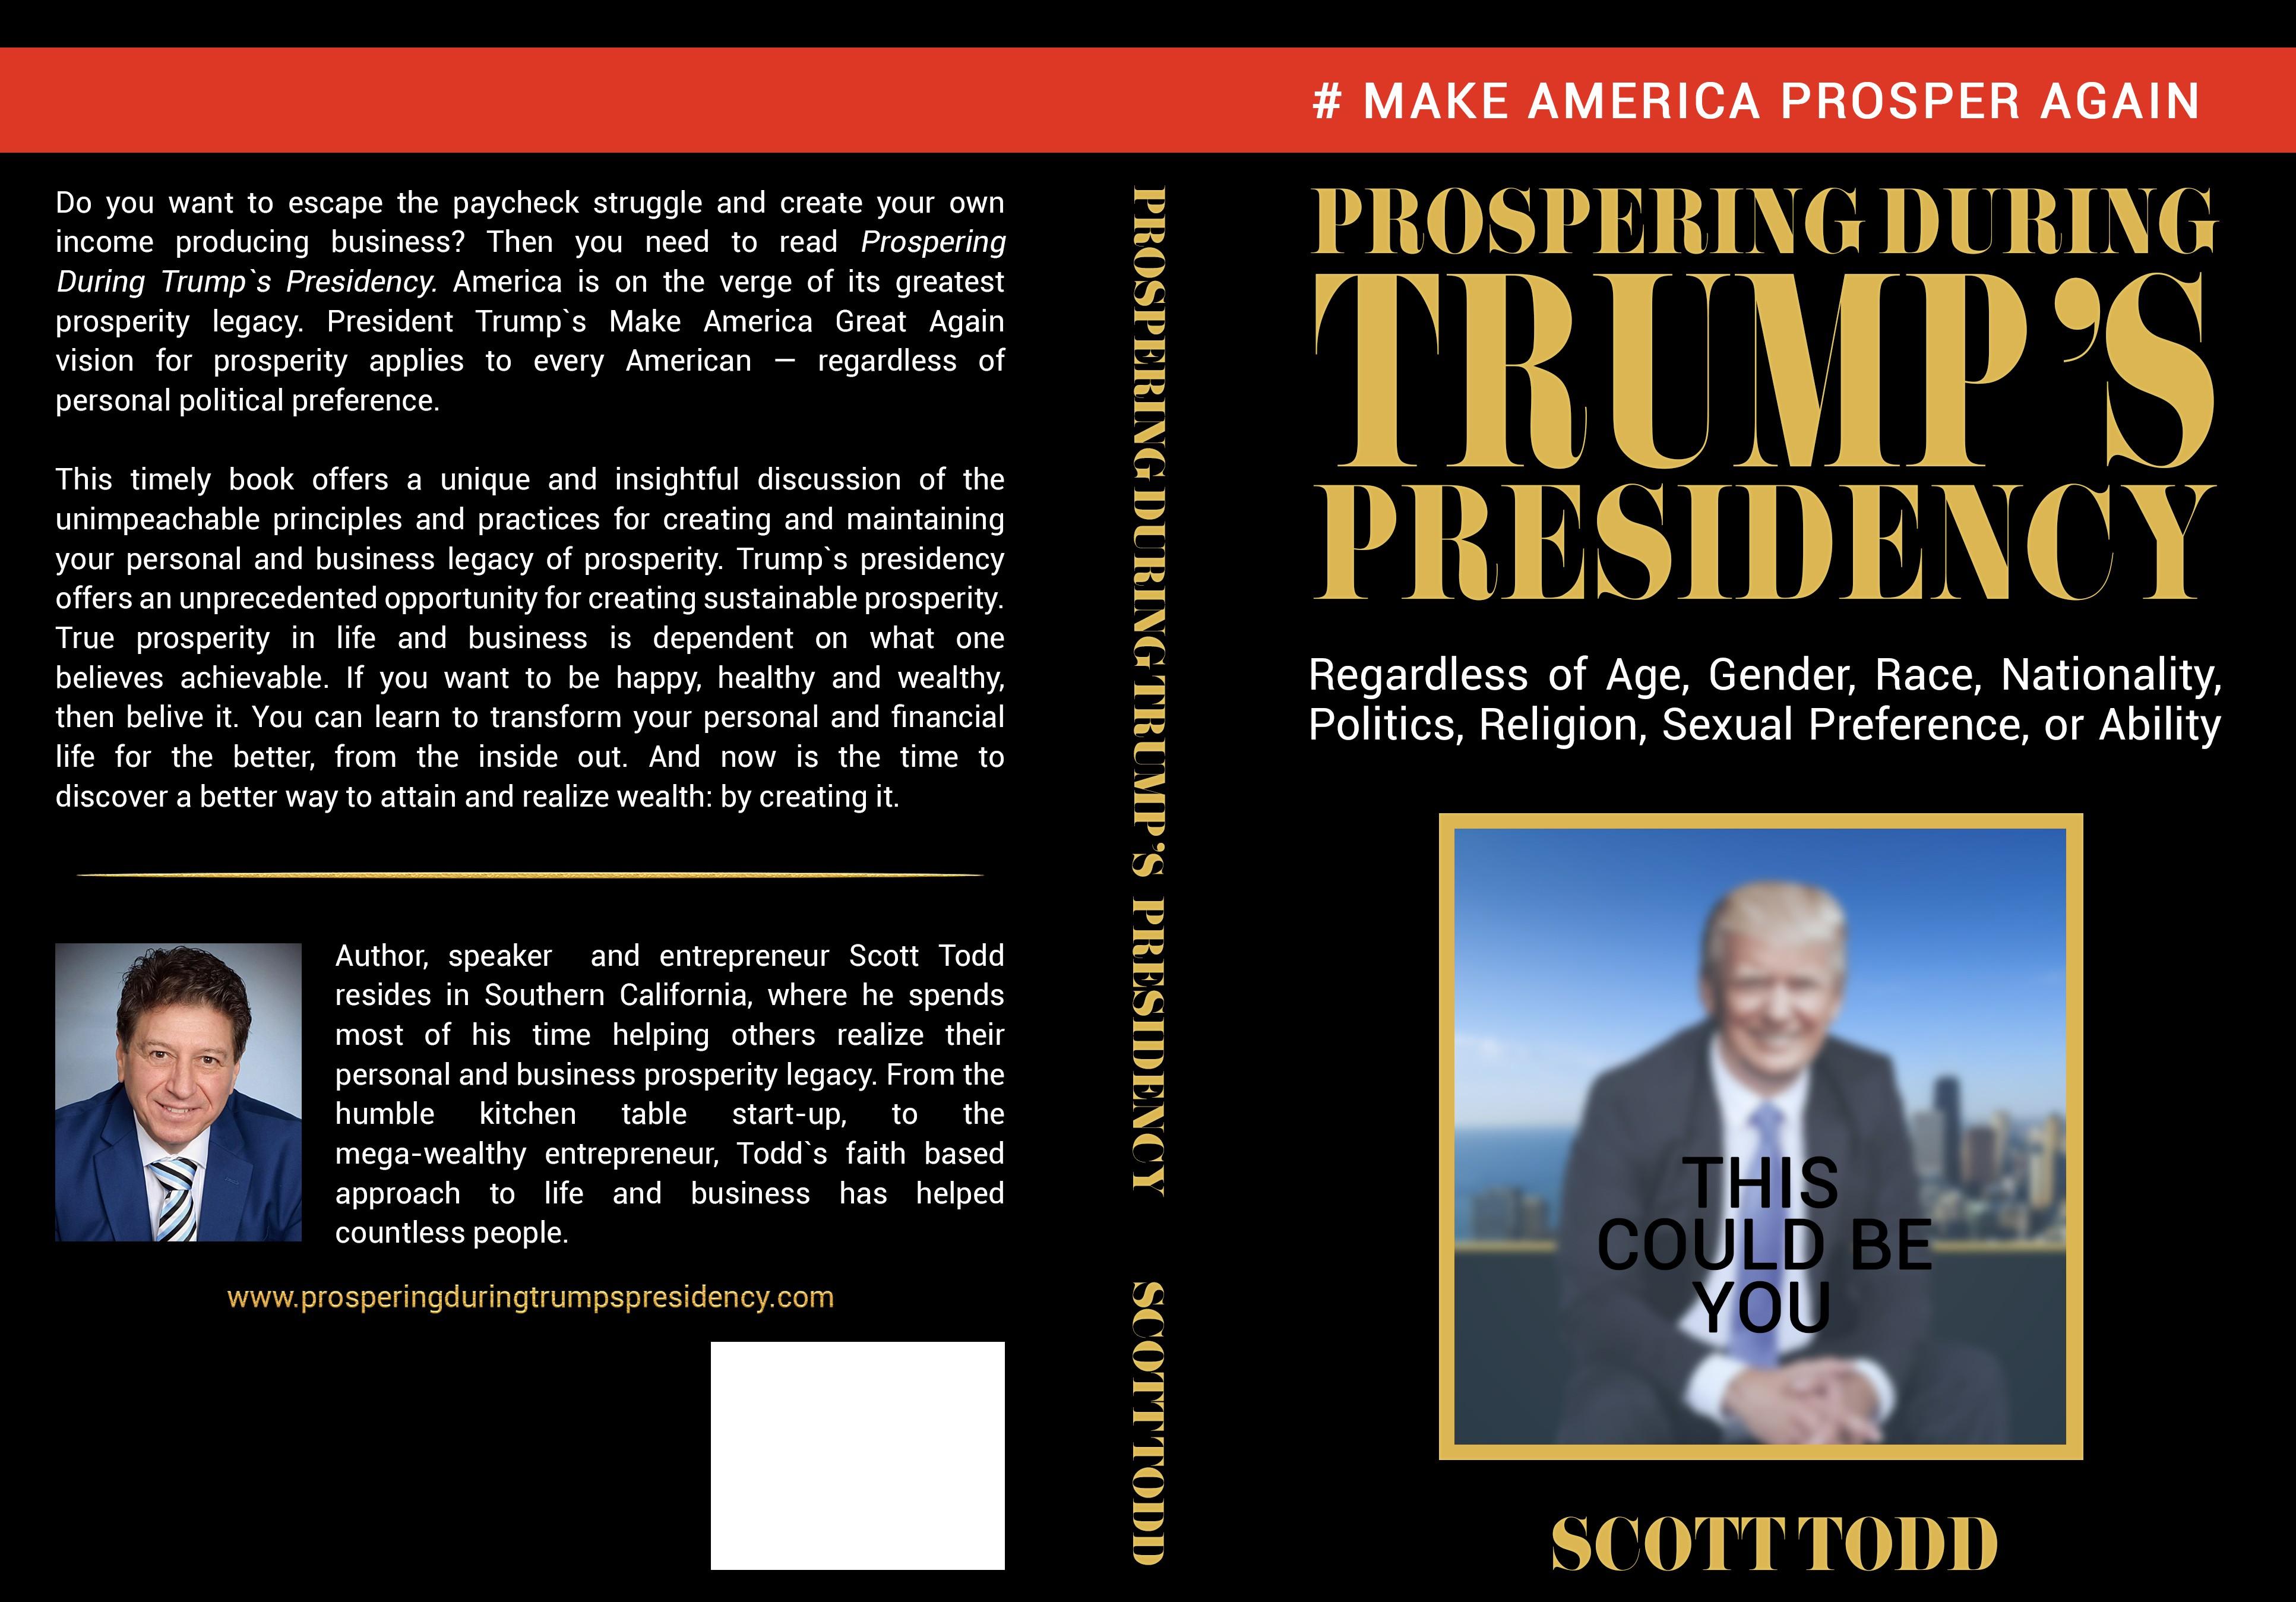 """Prospering During Trump's Presidency: book cover 6"""" x 9"""" (15.24 x 22.86 cm)"""